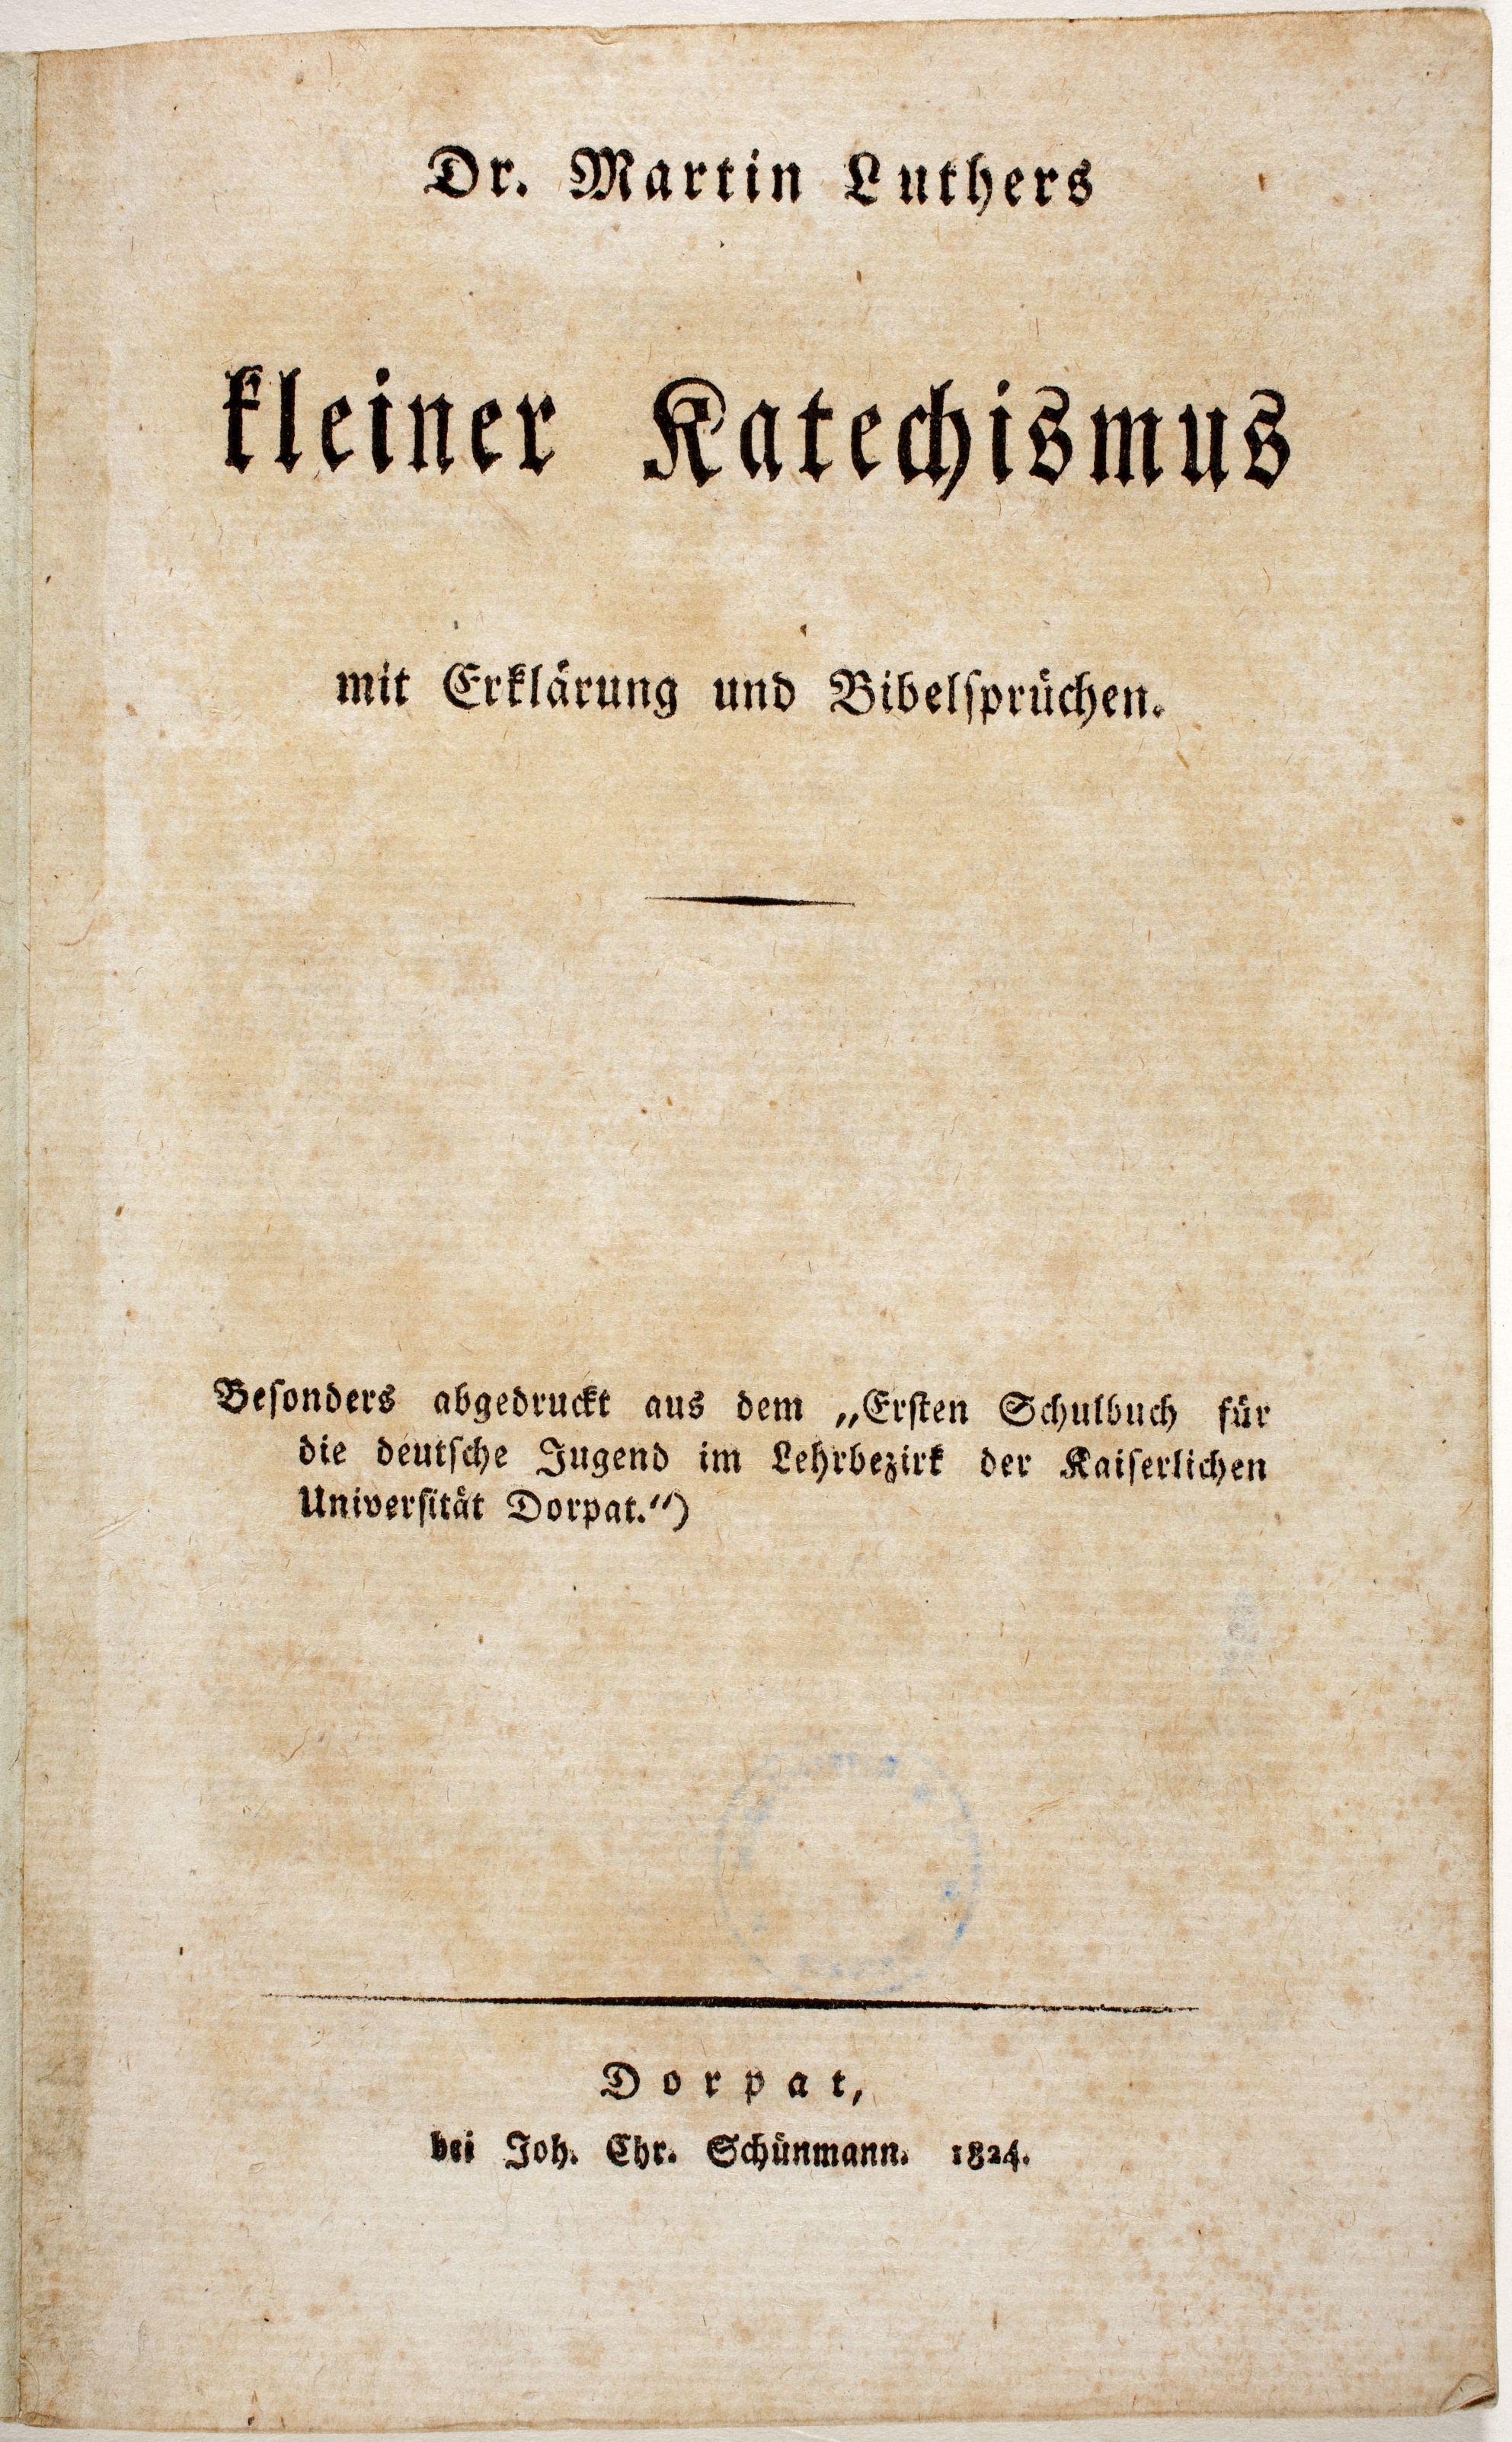 Dr. Martin Luthers kleiner Katechismus: mit Erklärung und Bibelsprüchen, Dorpat: Schünmann, 1824